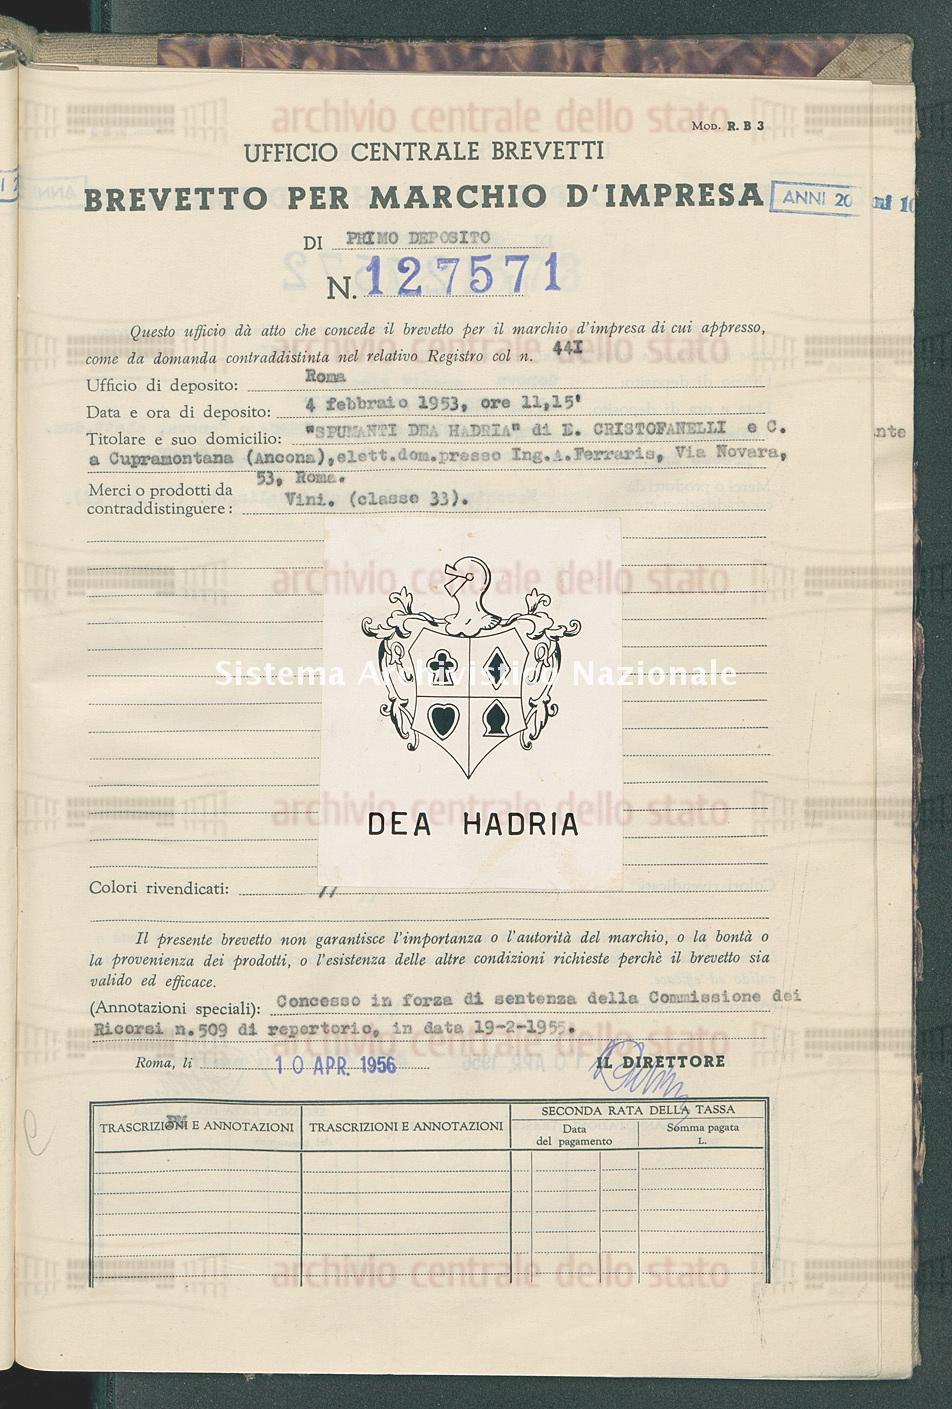 'Spumanti Dea Hadria' Di E.Cristofanelli E C. (10/04/1956)